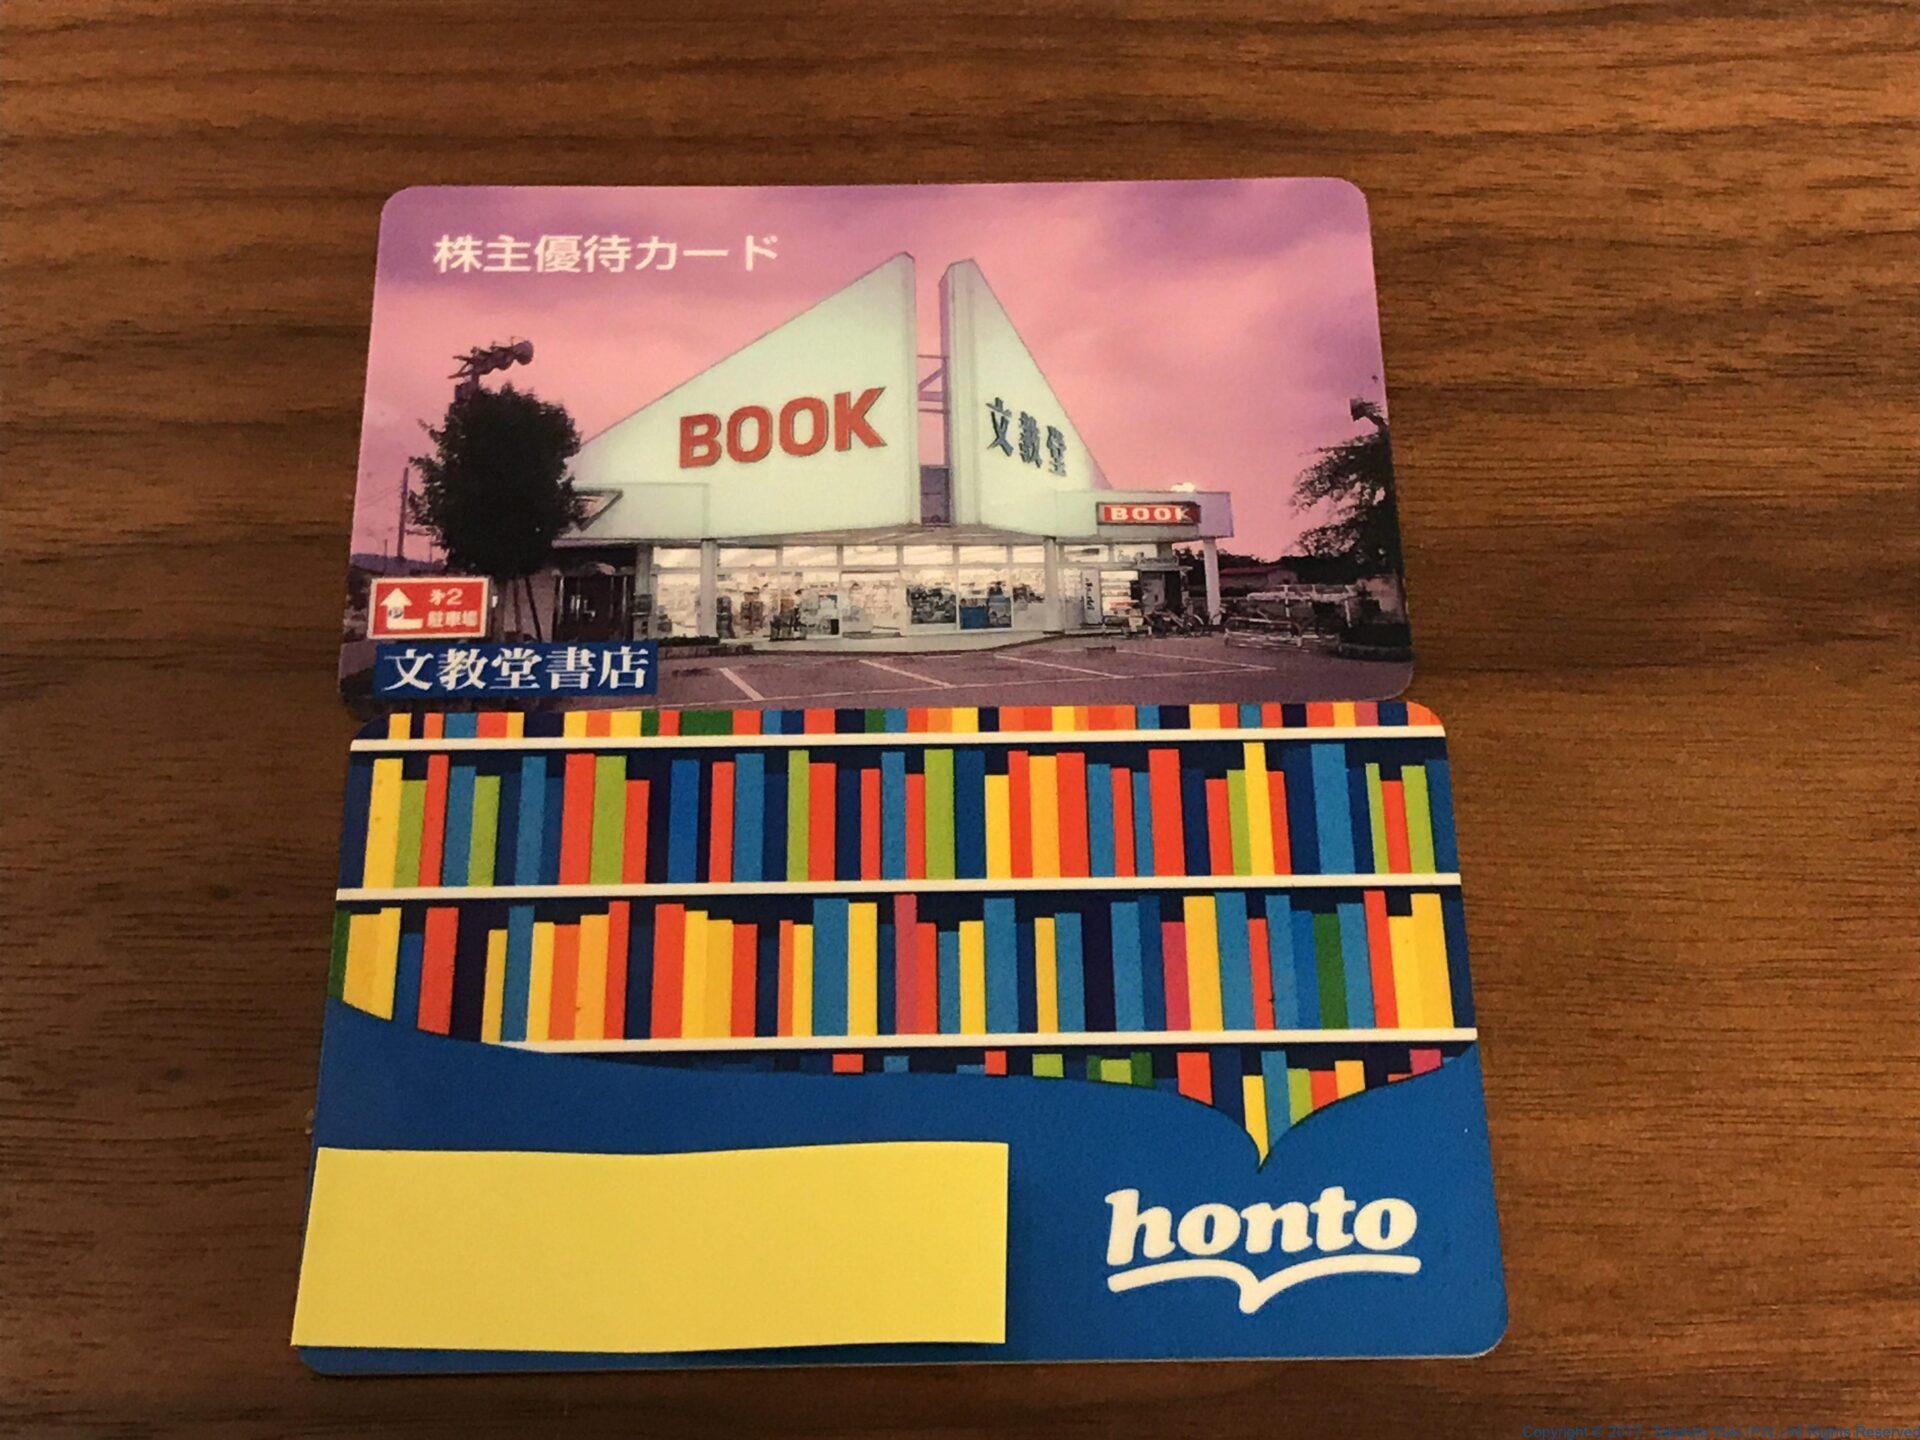 文教堂グループホールディングスの株主優待カード